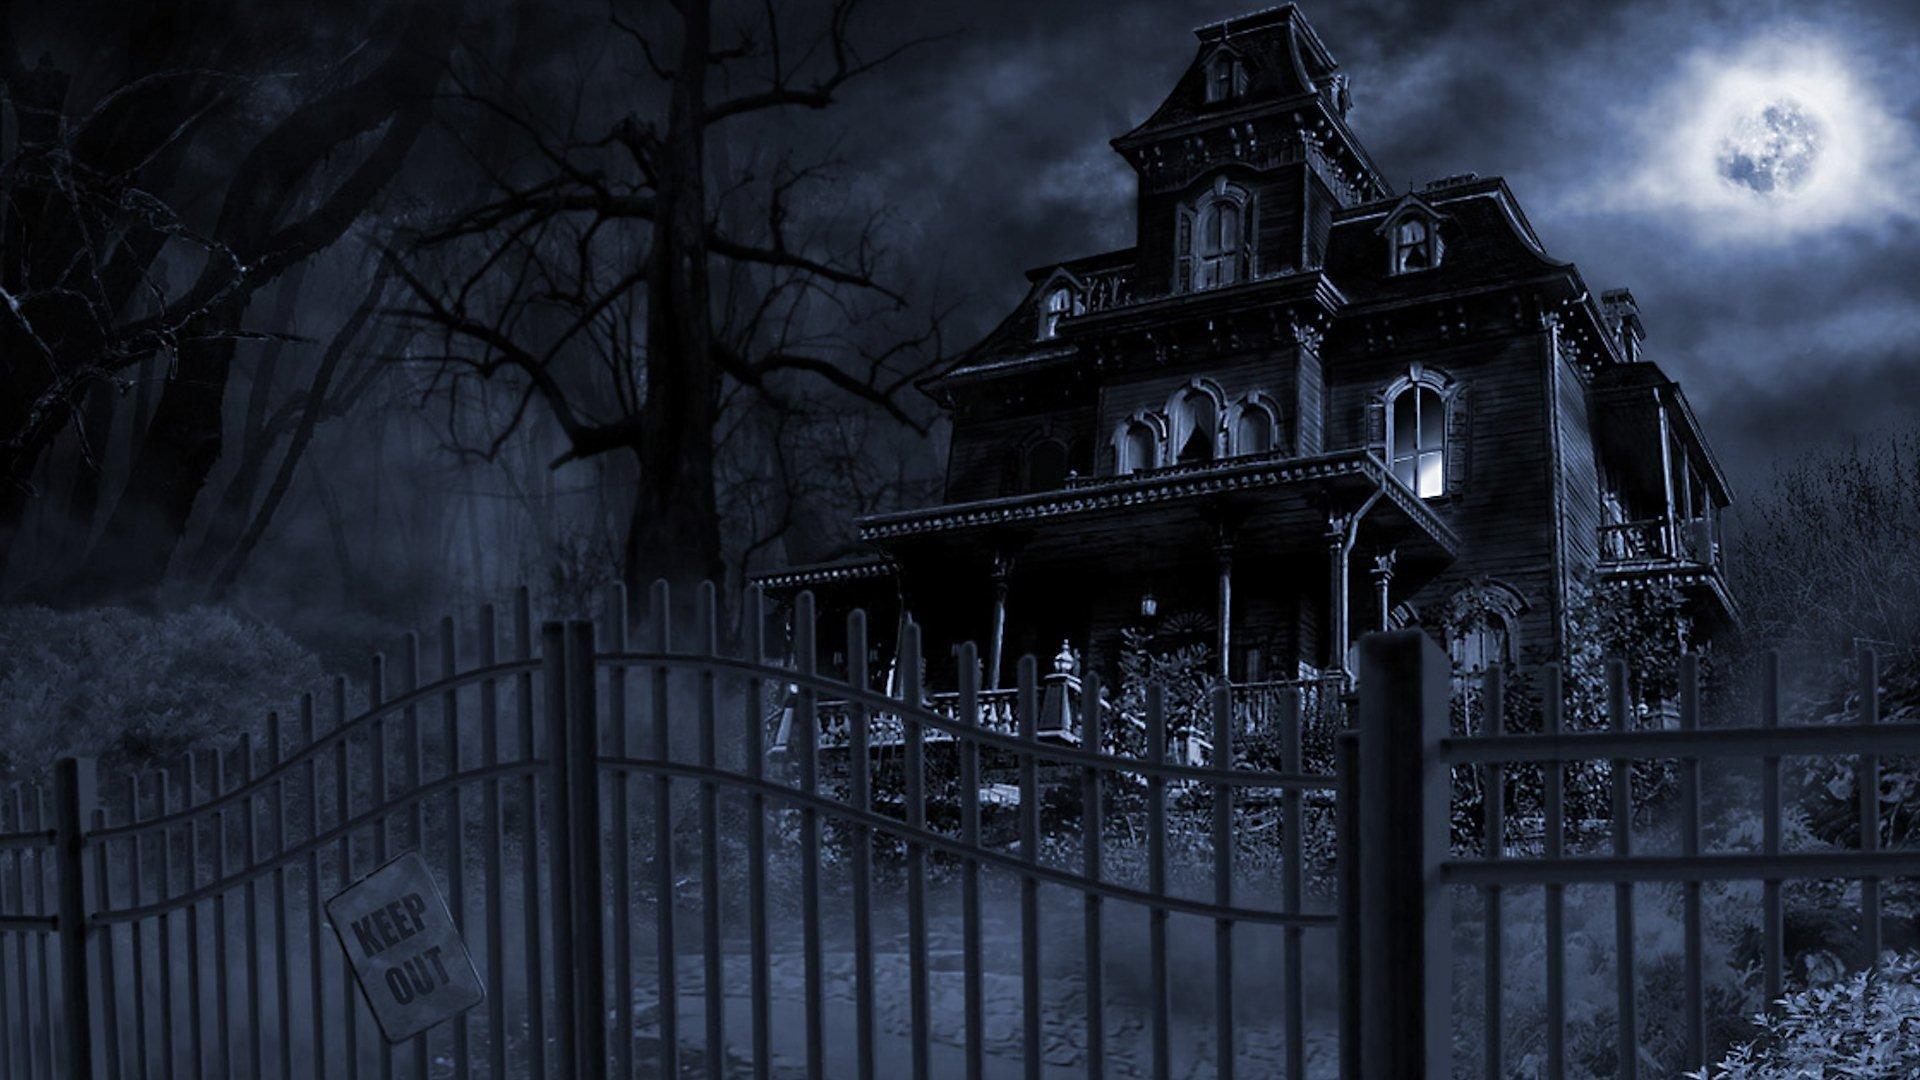 Spooky Wallpaper 4k